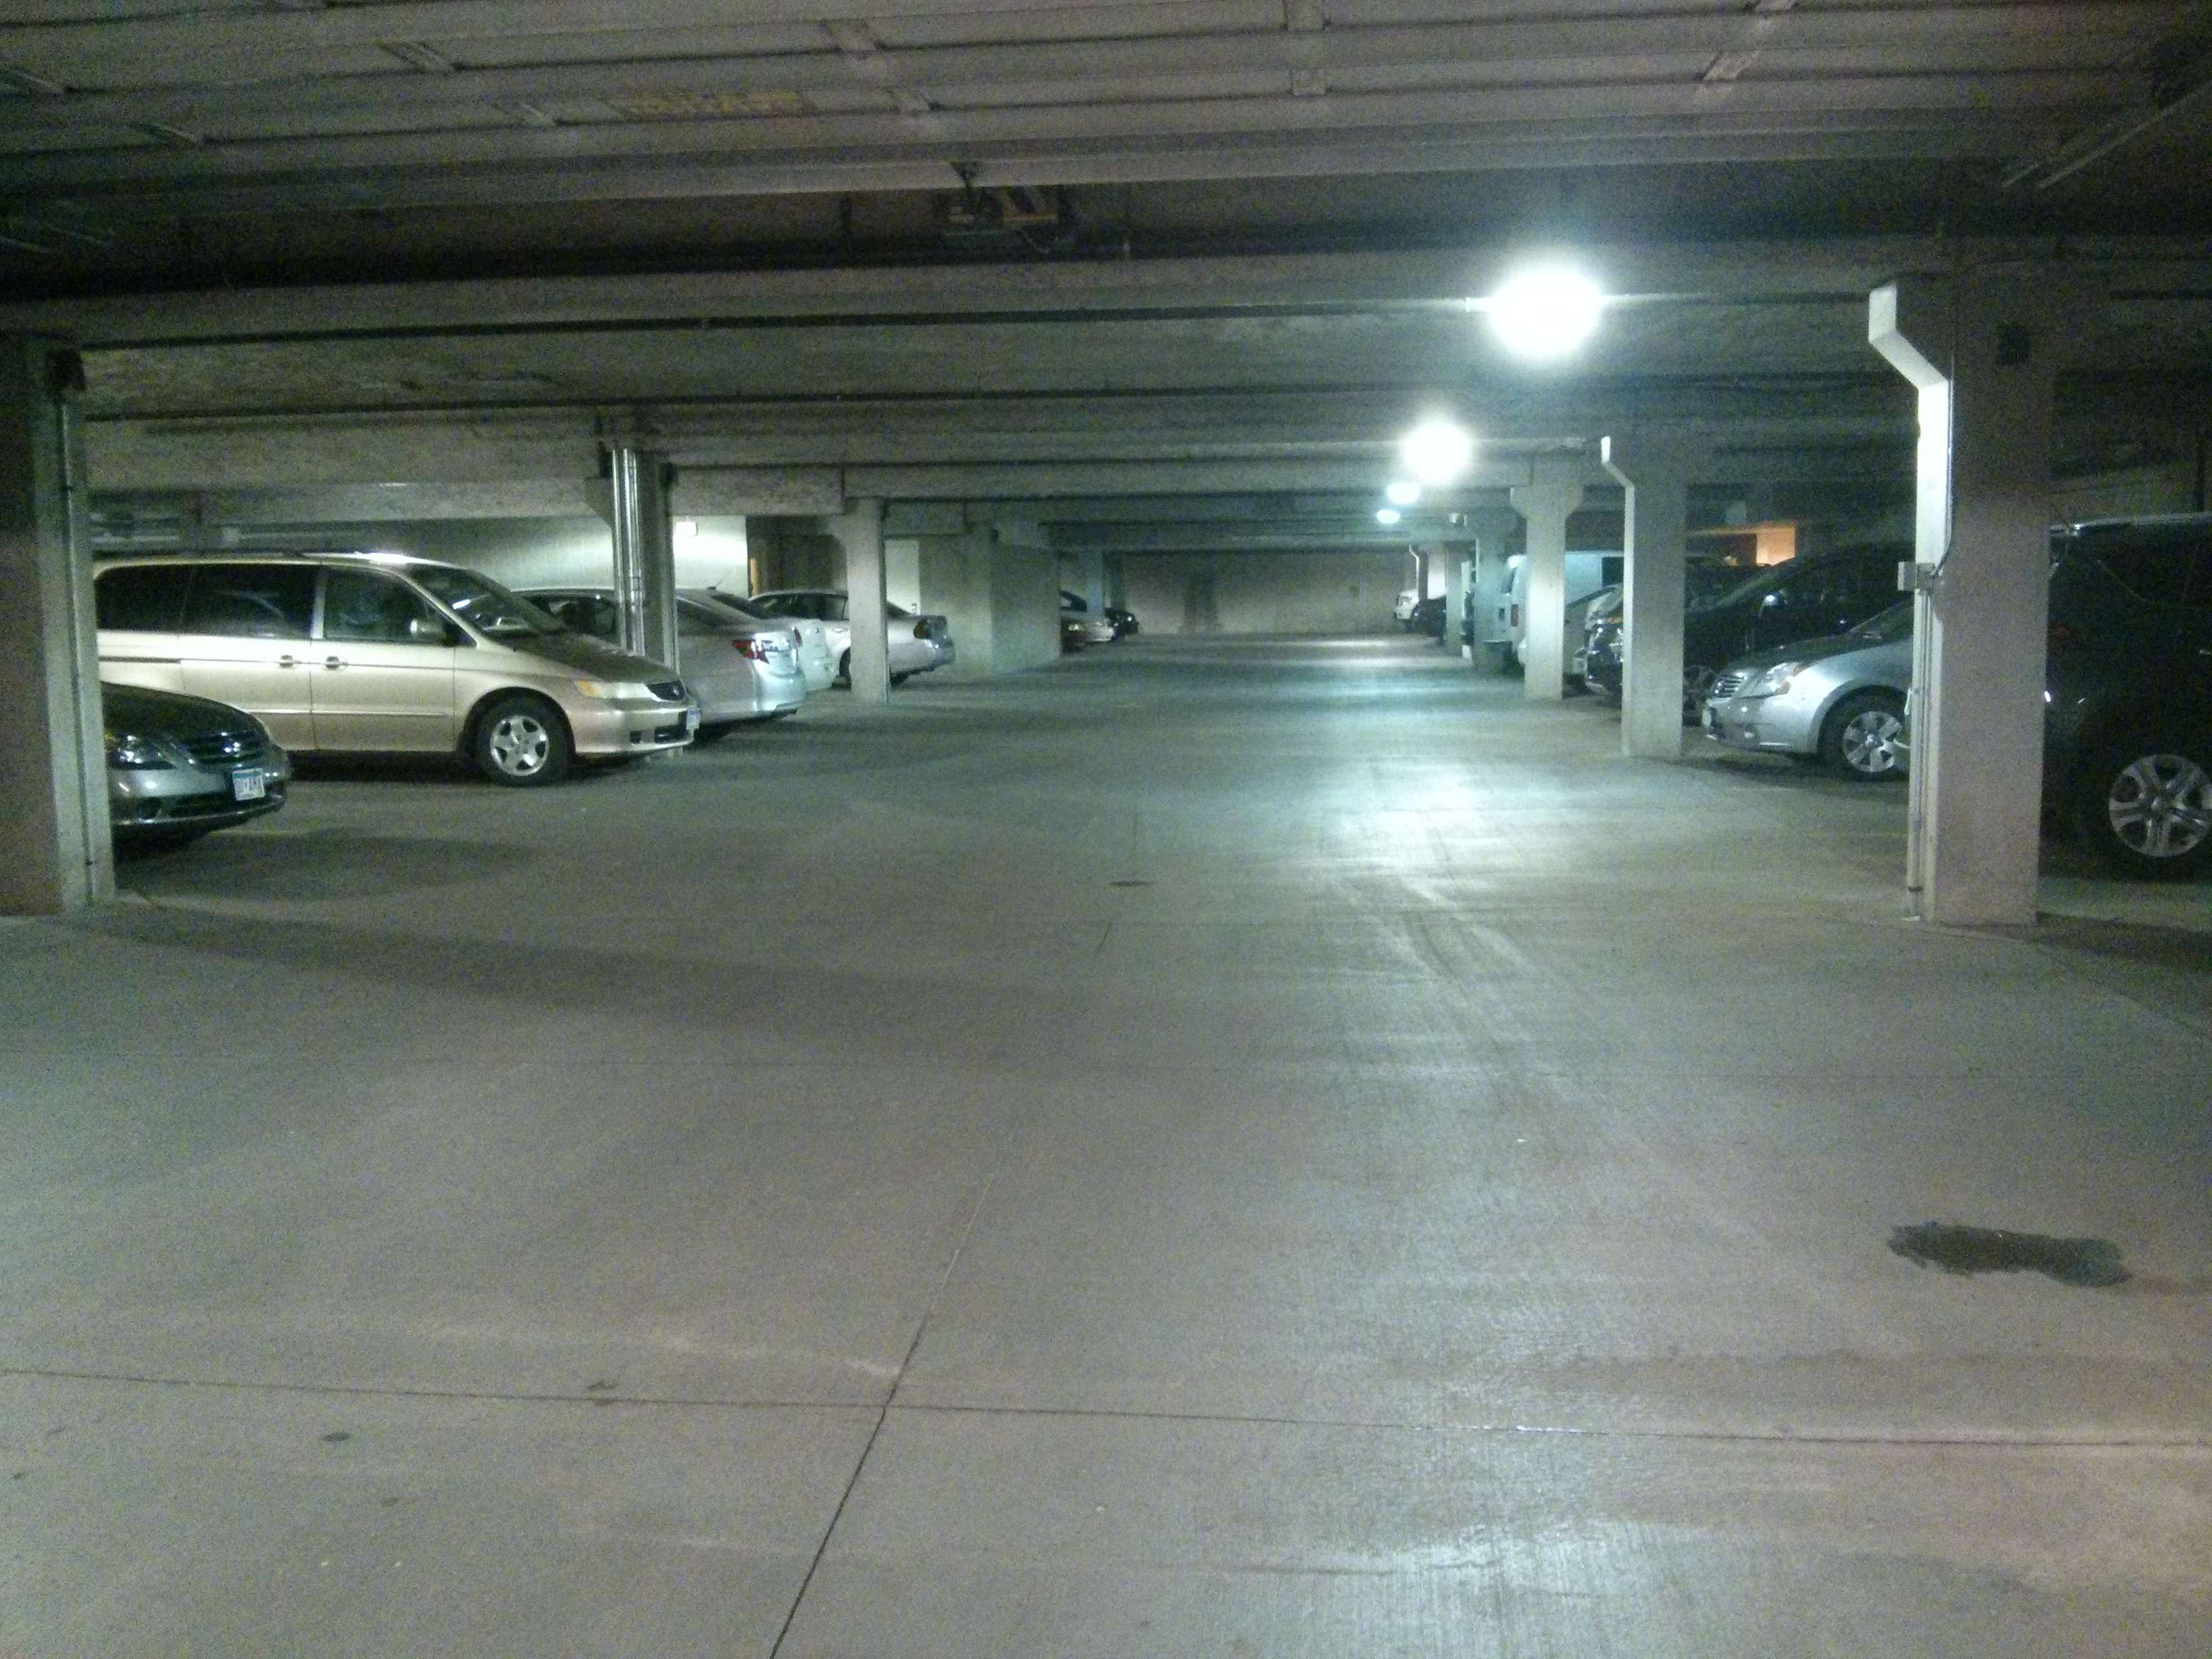 Scrub N Shine Loves Working For Twin Cities Nonprofit Groups. Home Depot Garage Door. Garage Door Repair Layton. Garage Heater Hot Water. Residential Roll Up Garage Door. Rubber Mat Garage Floor Covering. Garage Wall Heater. Garage Door Opener Motor Replacement. Garage Door Repair Long Beach